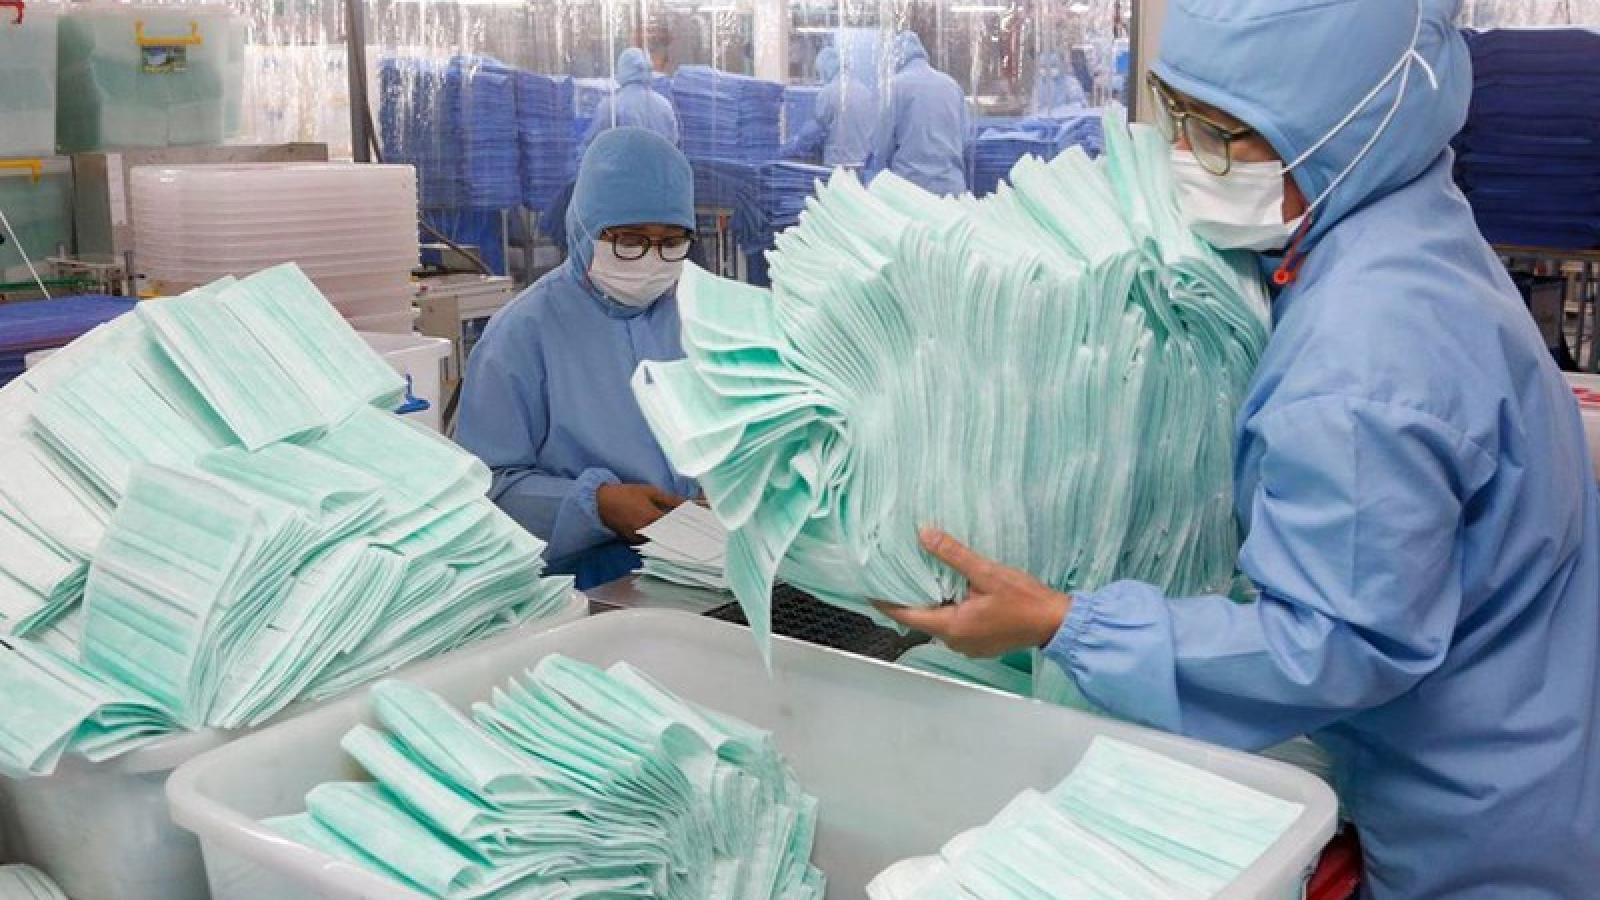 Lào bắt đầu tự sản xuất khẩu trang y tế để chống dịch Covid-19